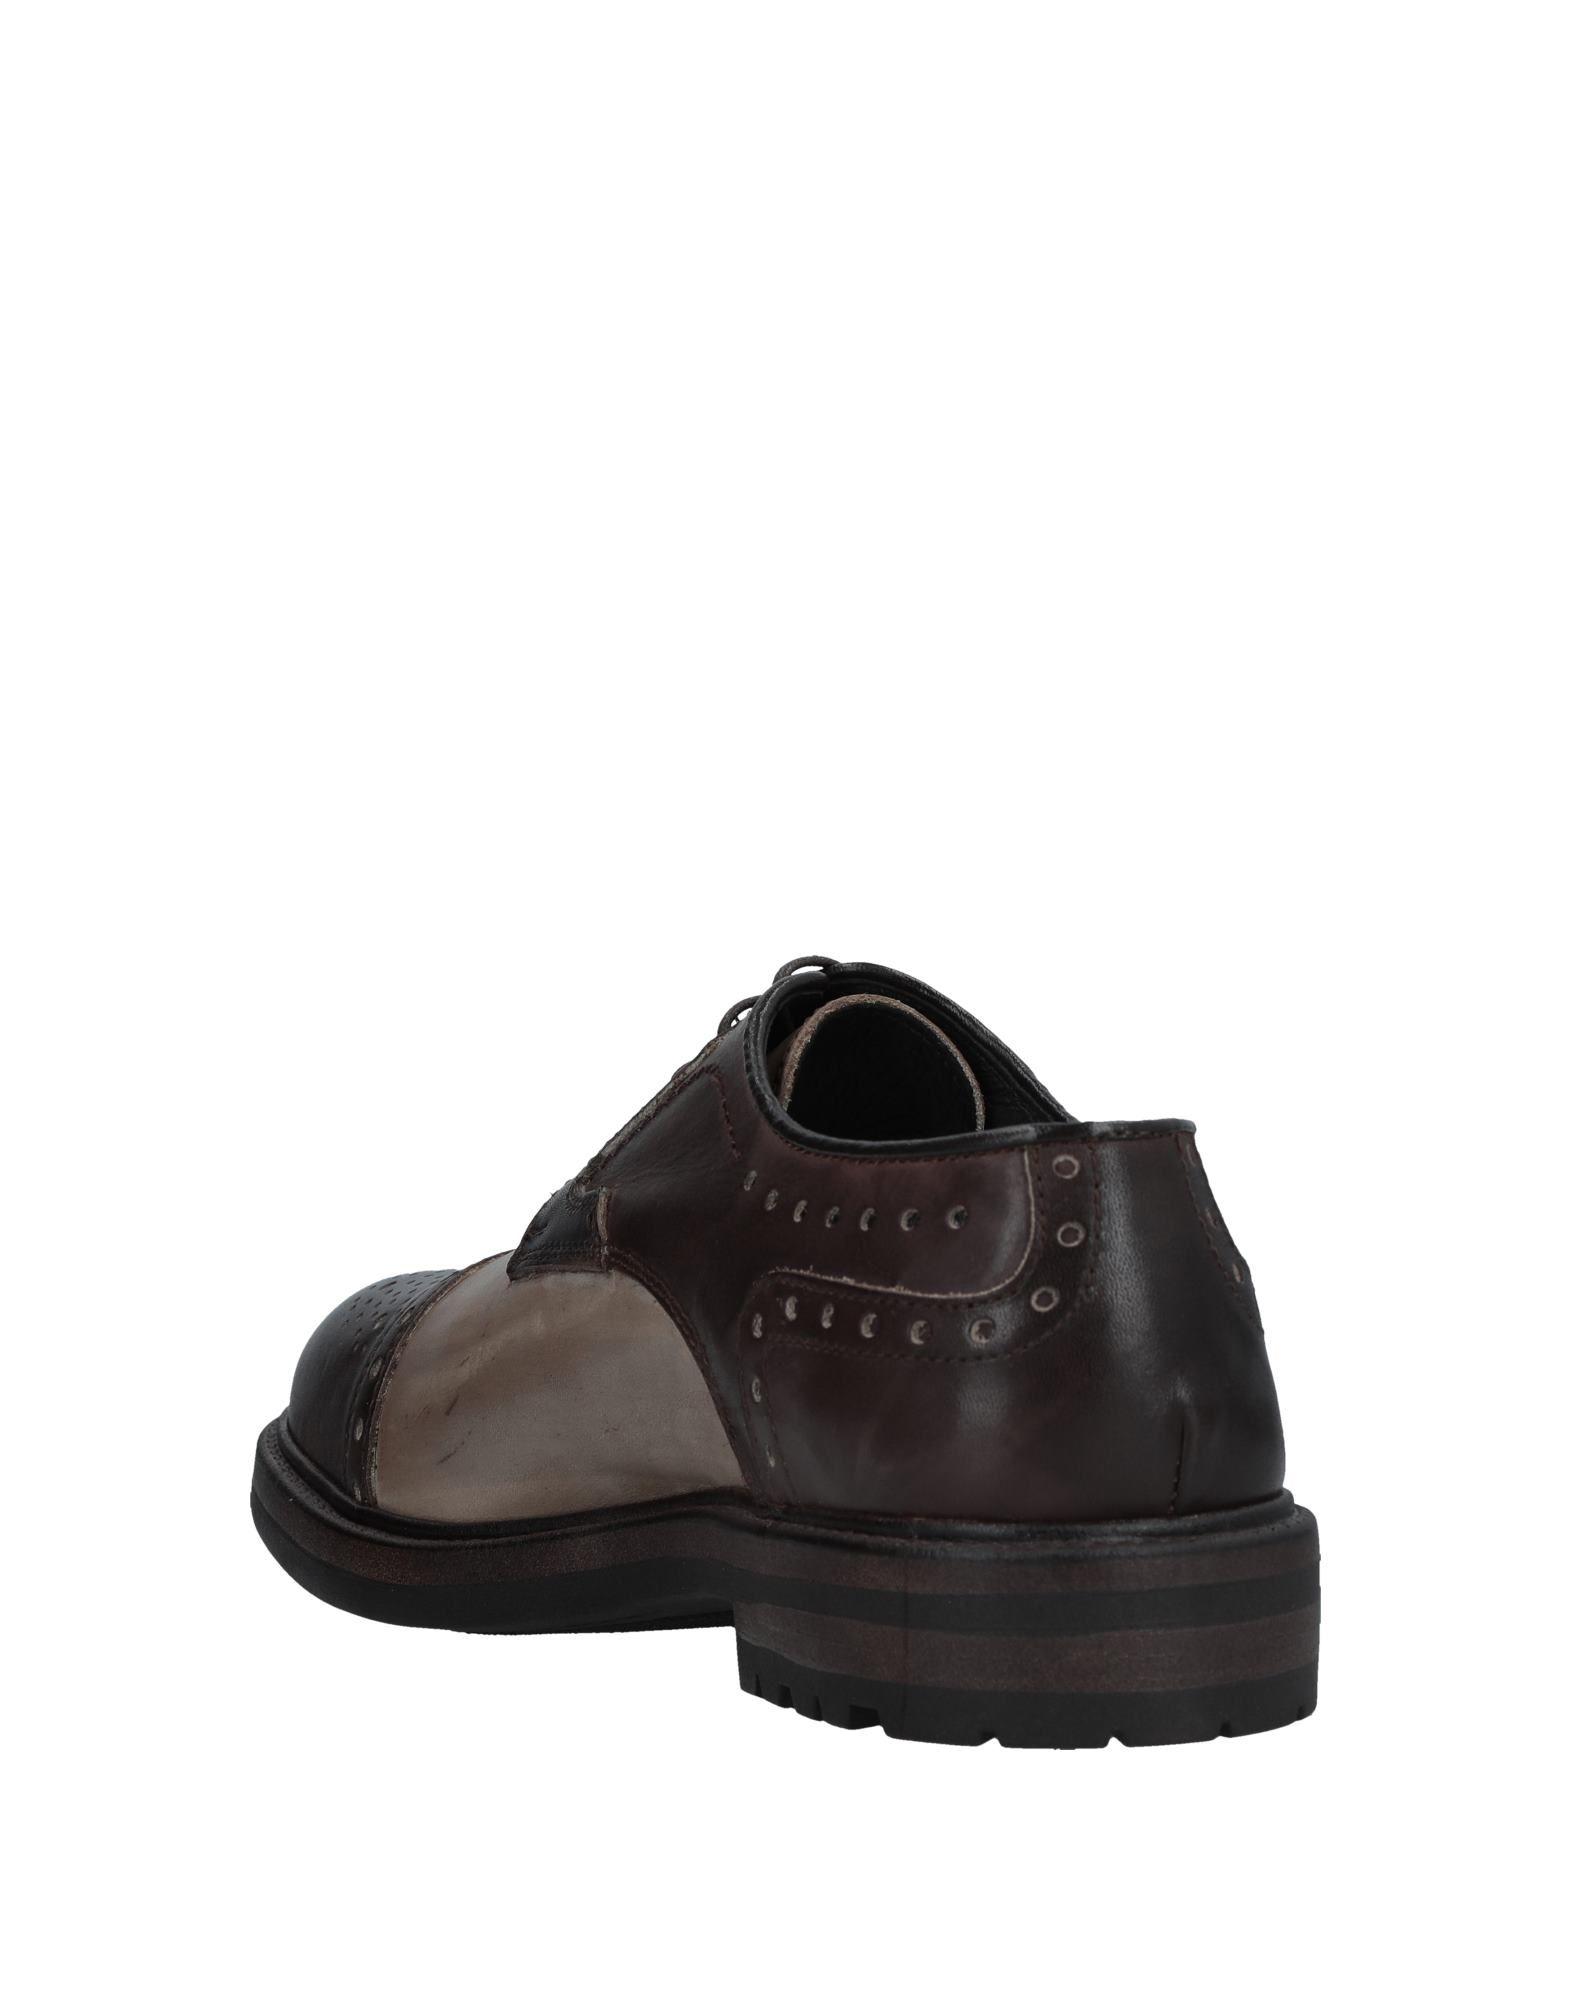 Rabatt  echte Schuhe Snobs® Schnürschuhe Herren  Rabatt 11523678EH 2bb5d8